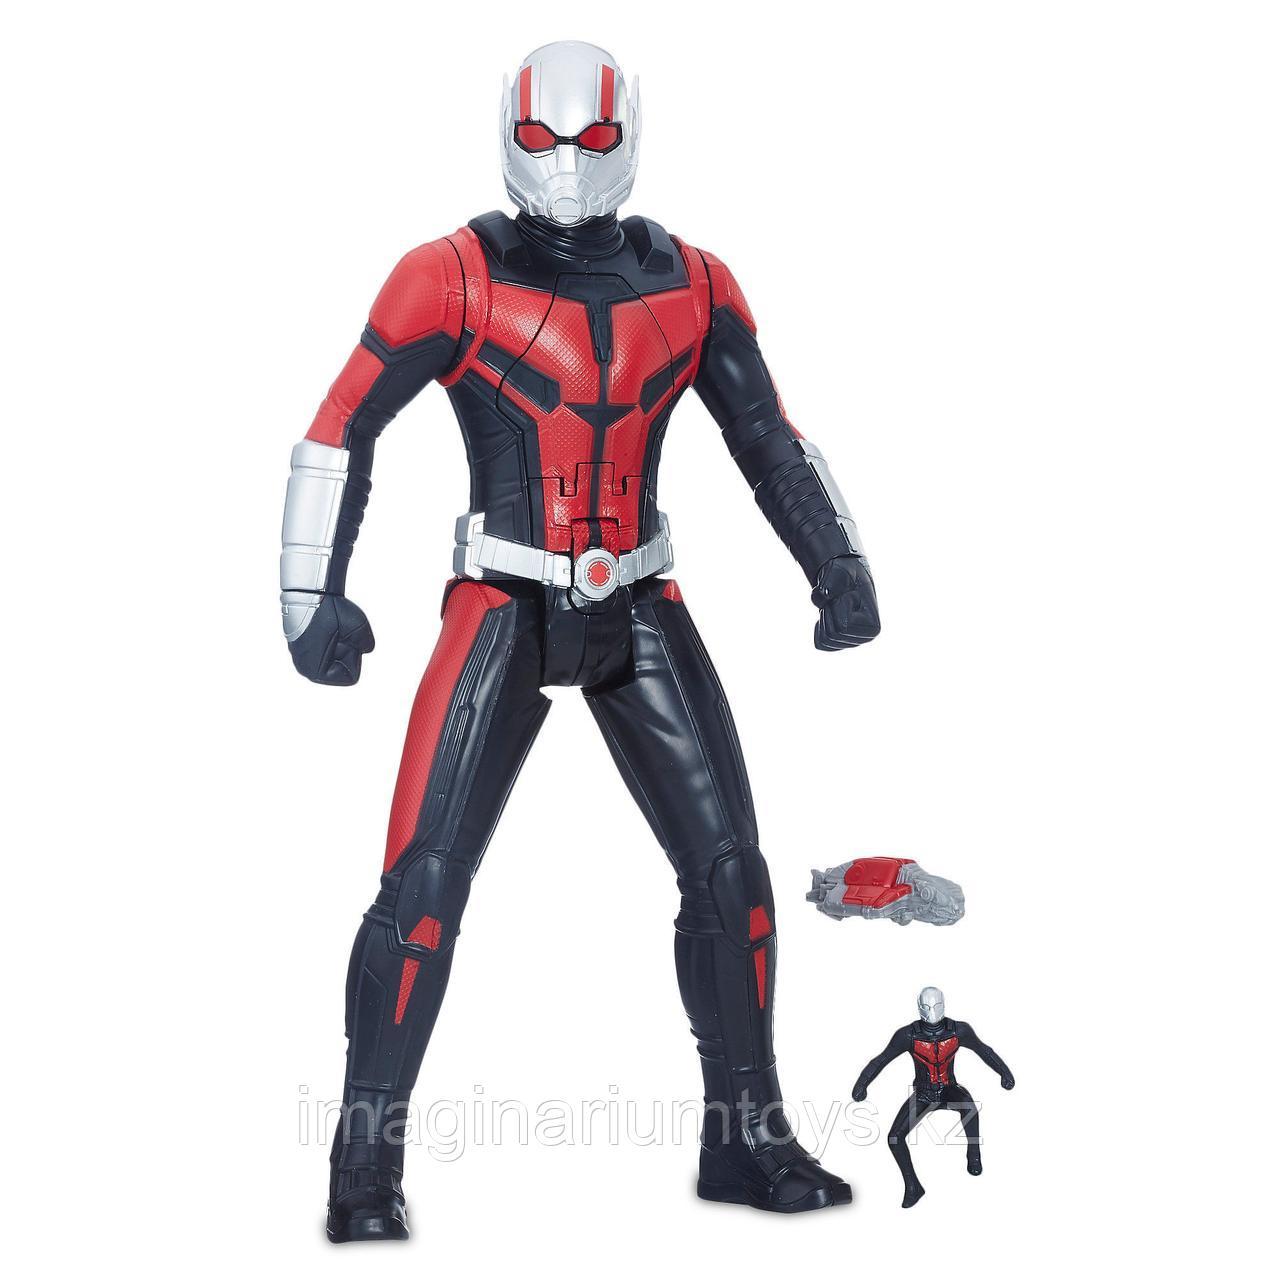 Фигурка Человек-Муравей Ant-Man 30 см Disney